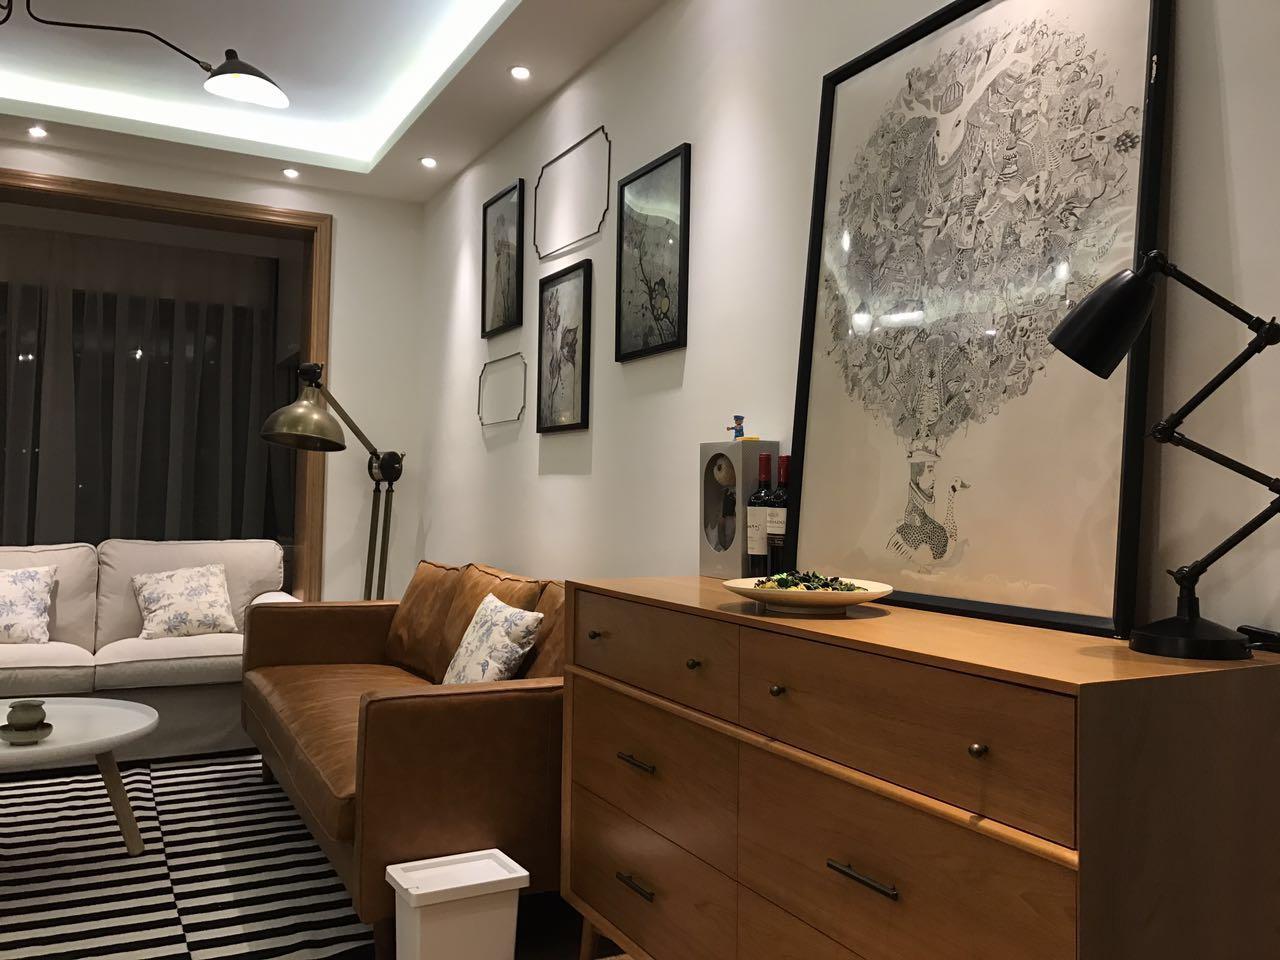 93m²三室二厅:我想换种北欧风格的装修 案例 第3张